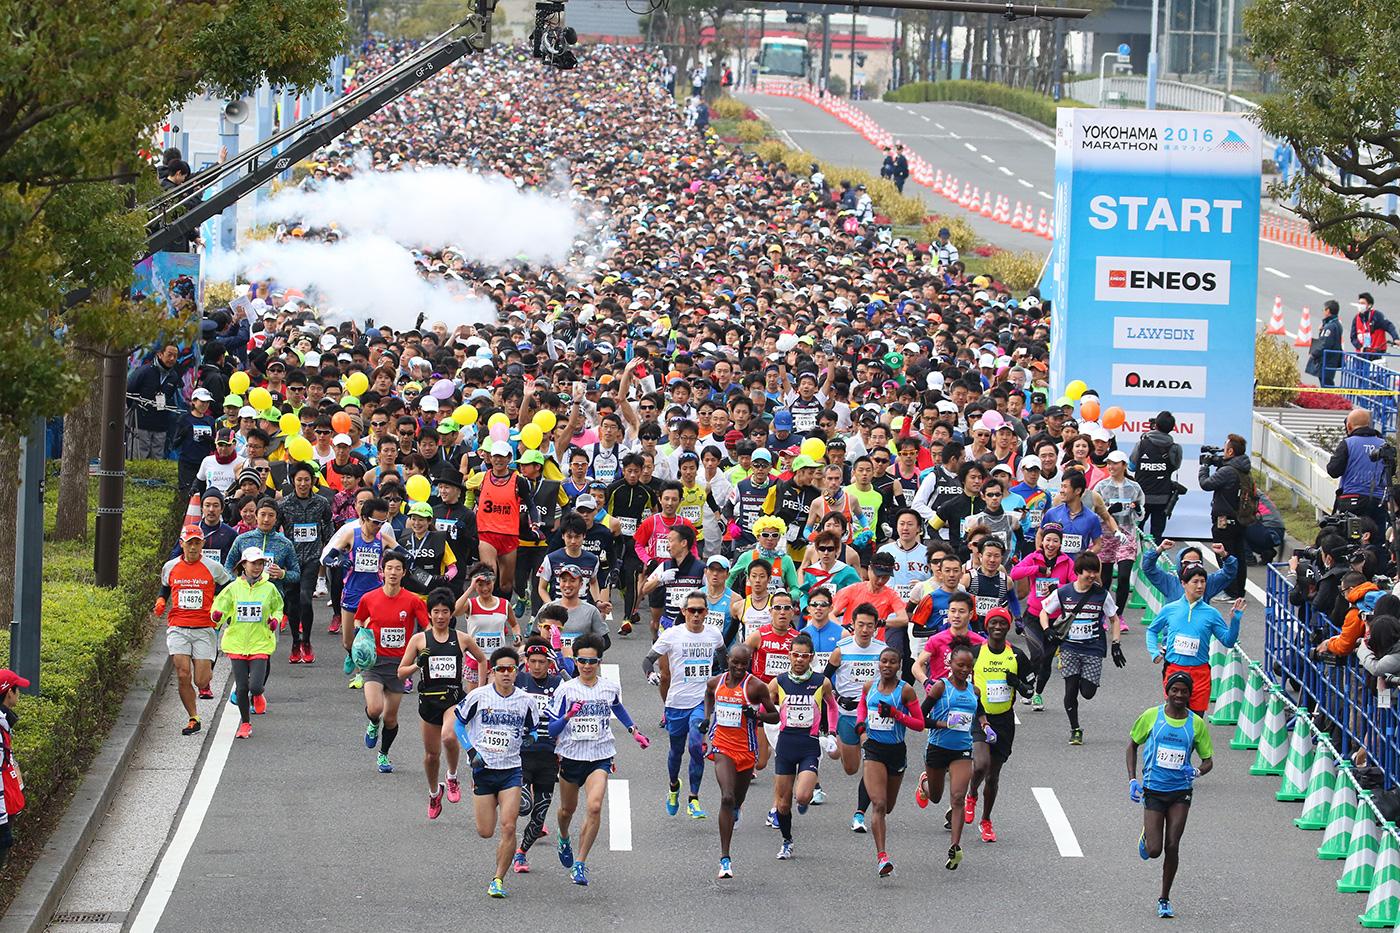 横浜マラソン2017の詳細が決定!エントリーは4月5日から、新種目「1/7フルマラソン」も